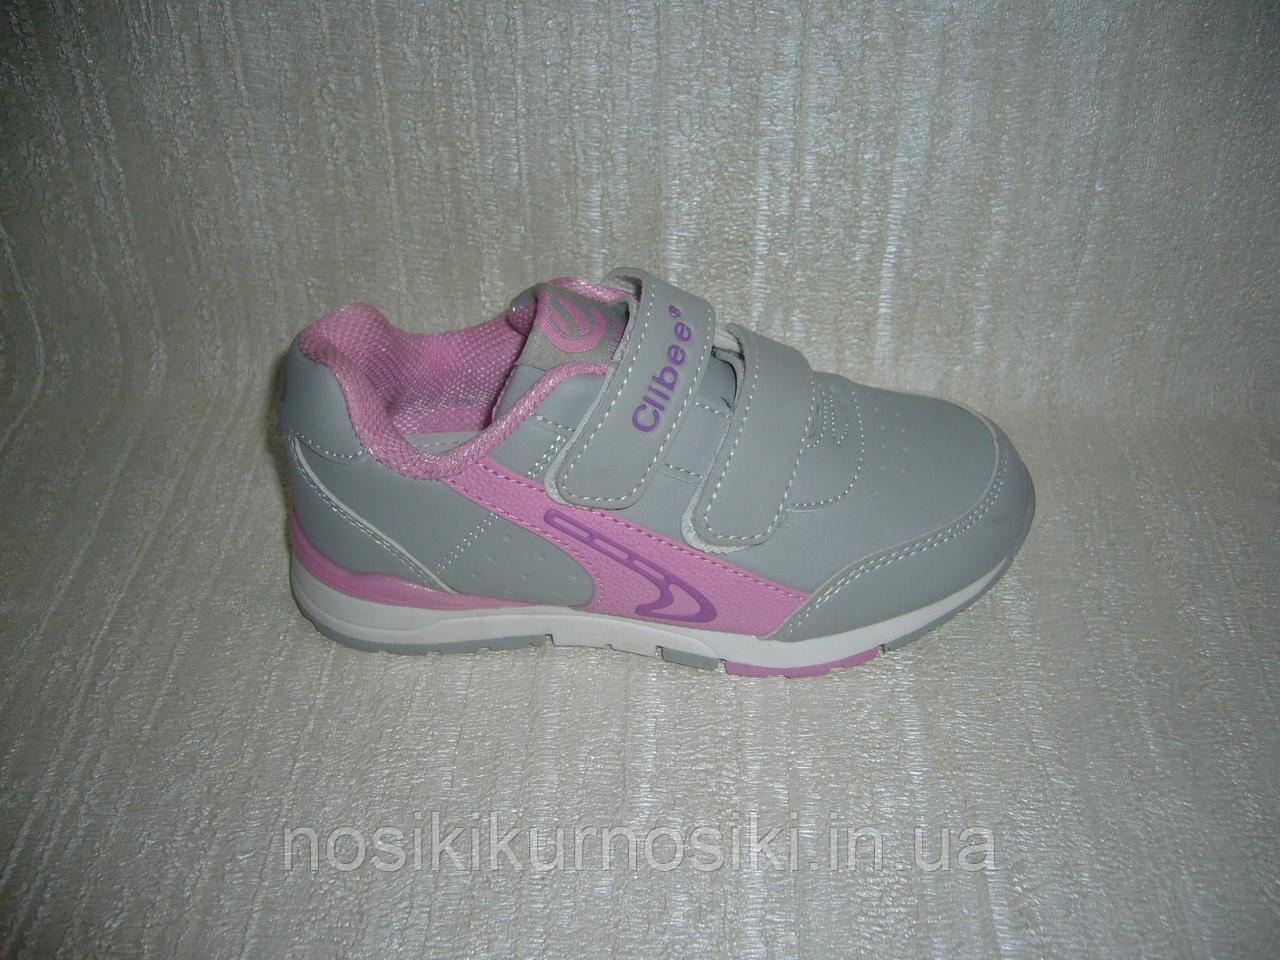 Кроссовки для девочек Clibee размеры 29 цвет серый